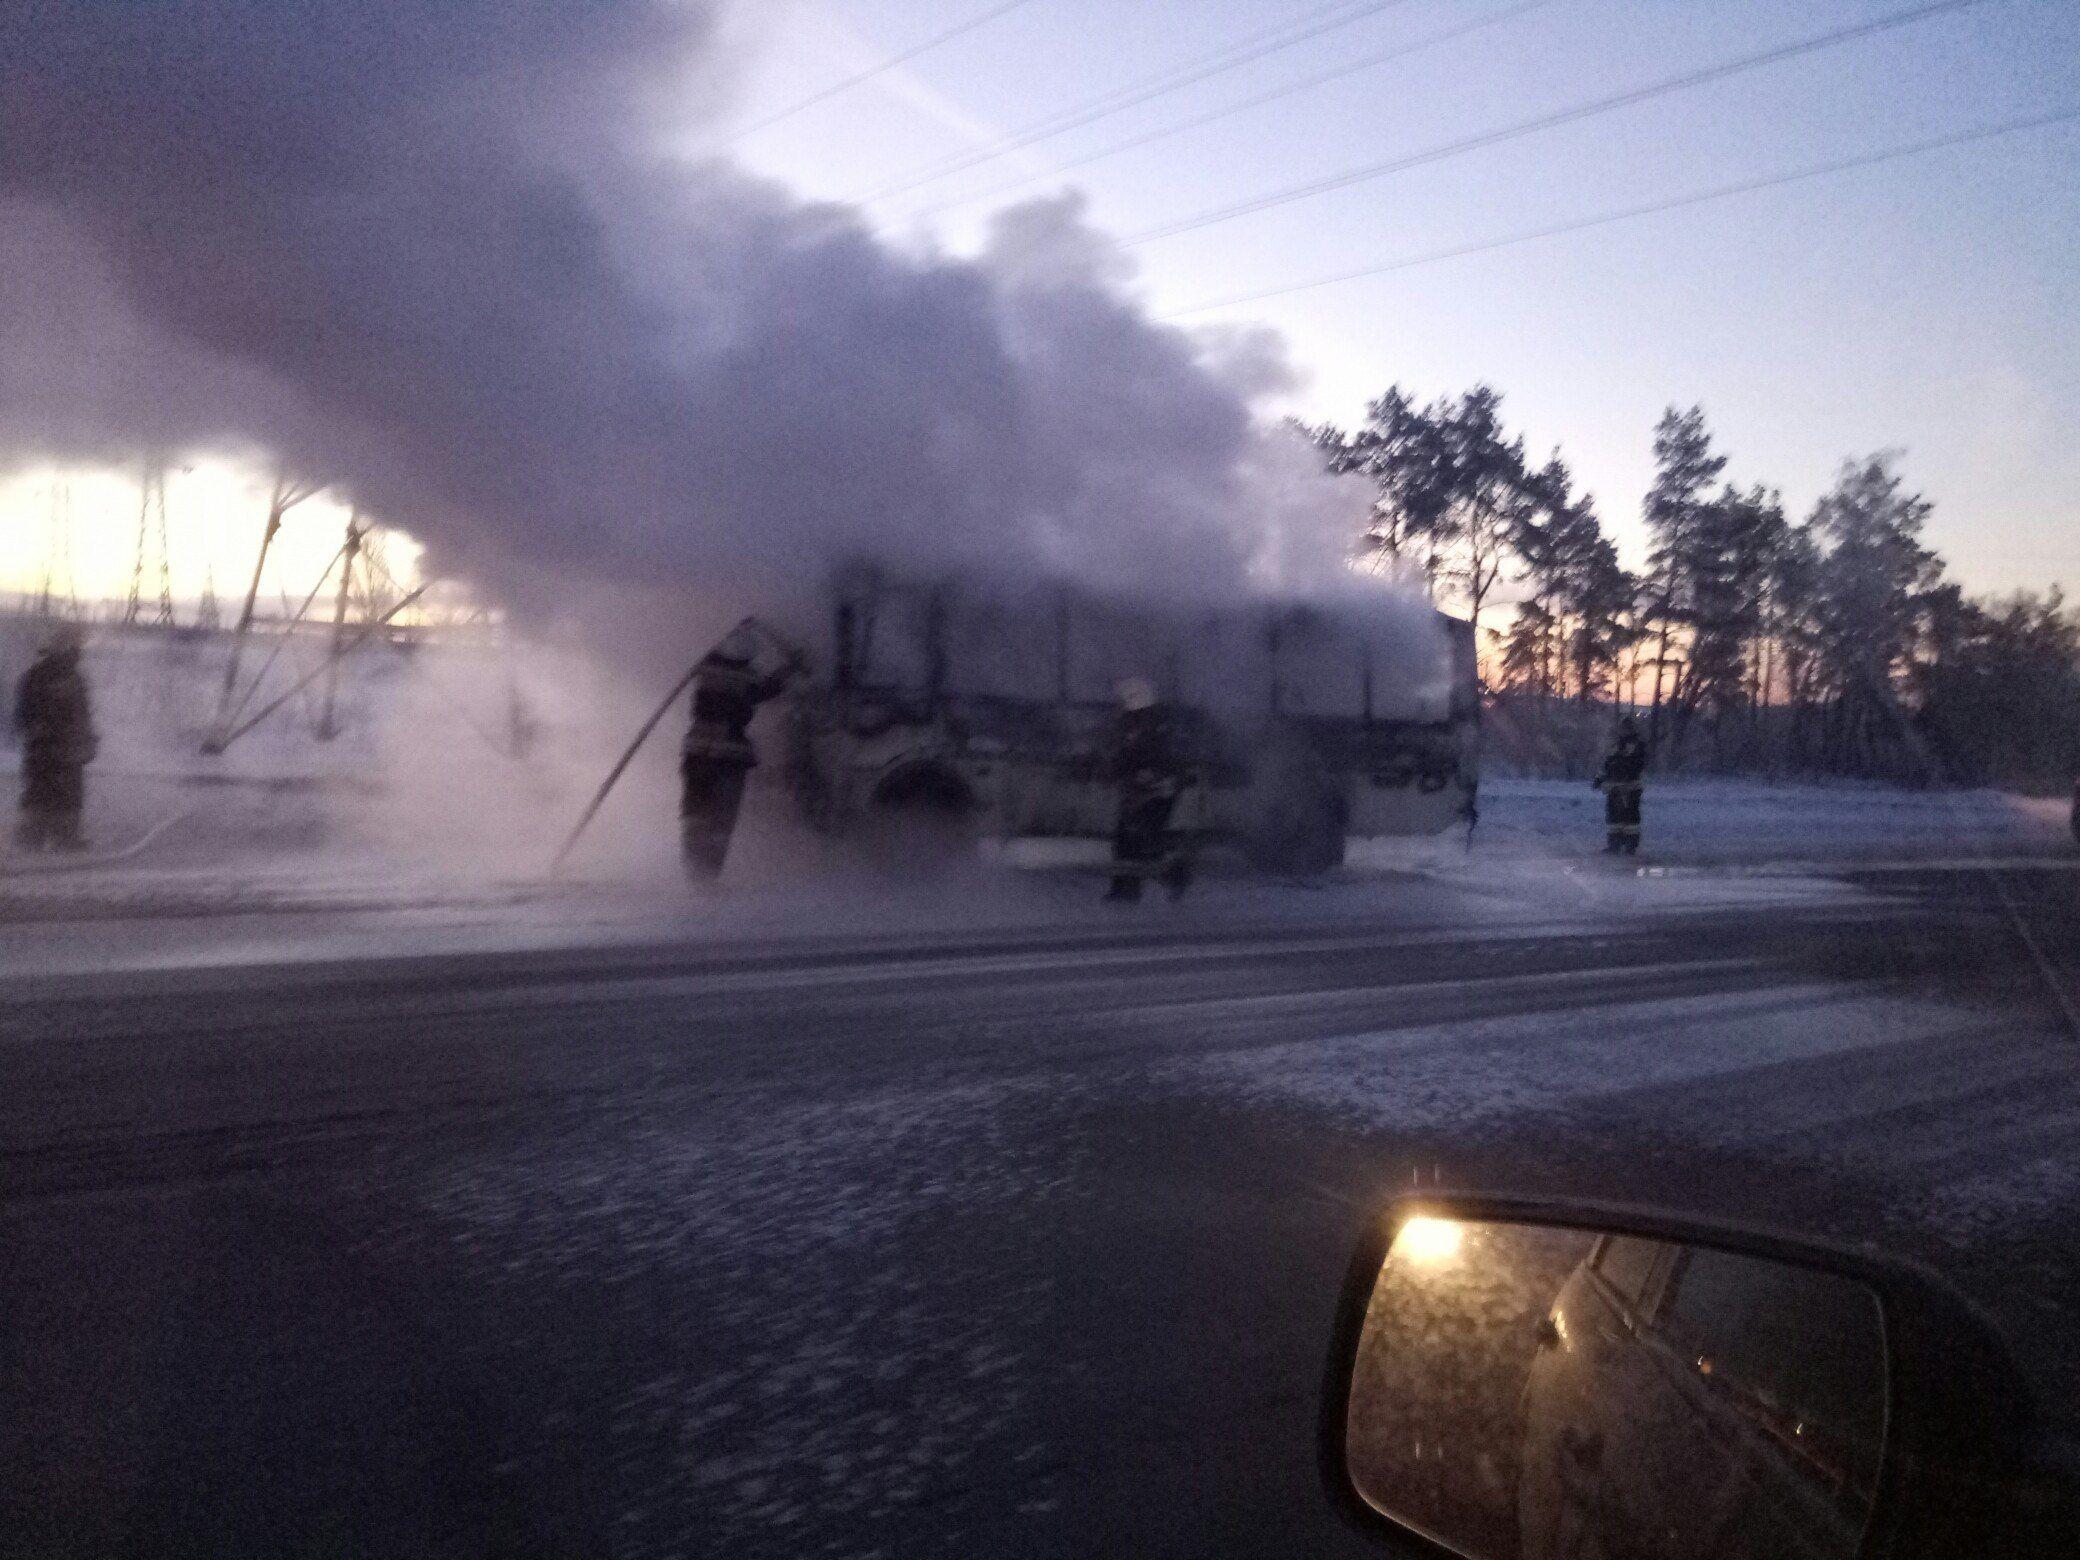 Рано утром вворонежском микрорайоне Машмет сгорел автобус